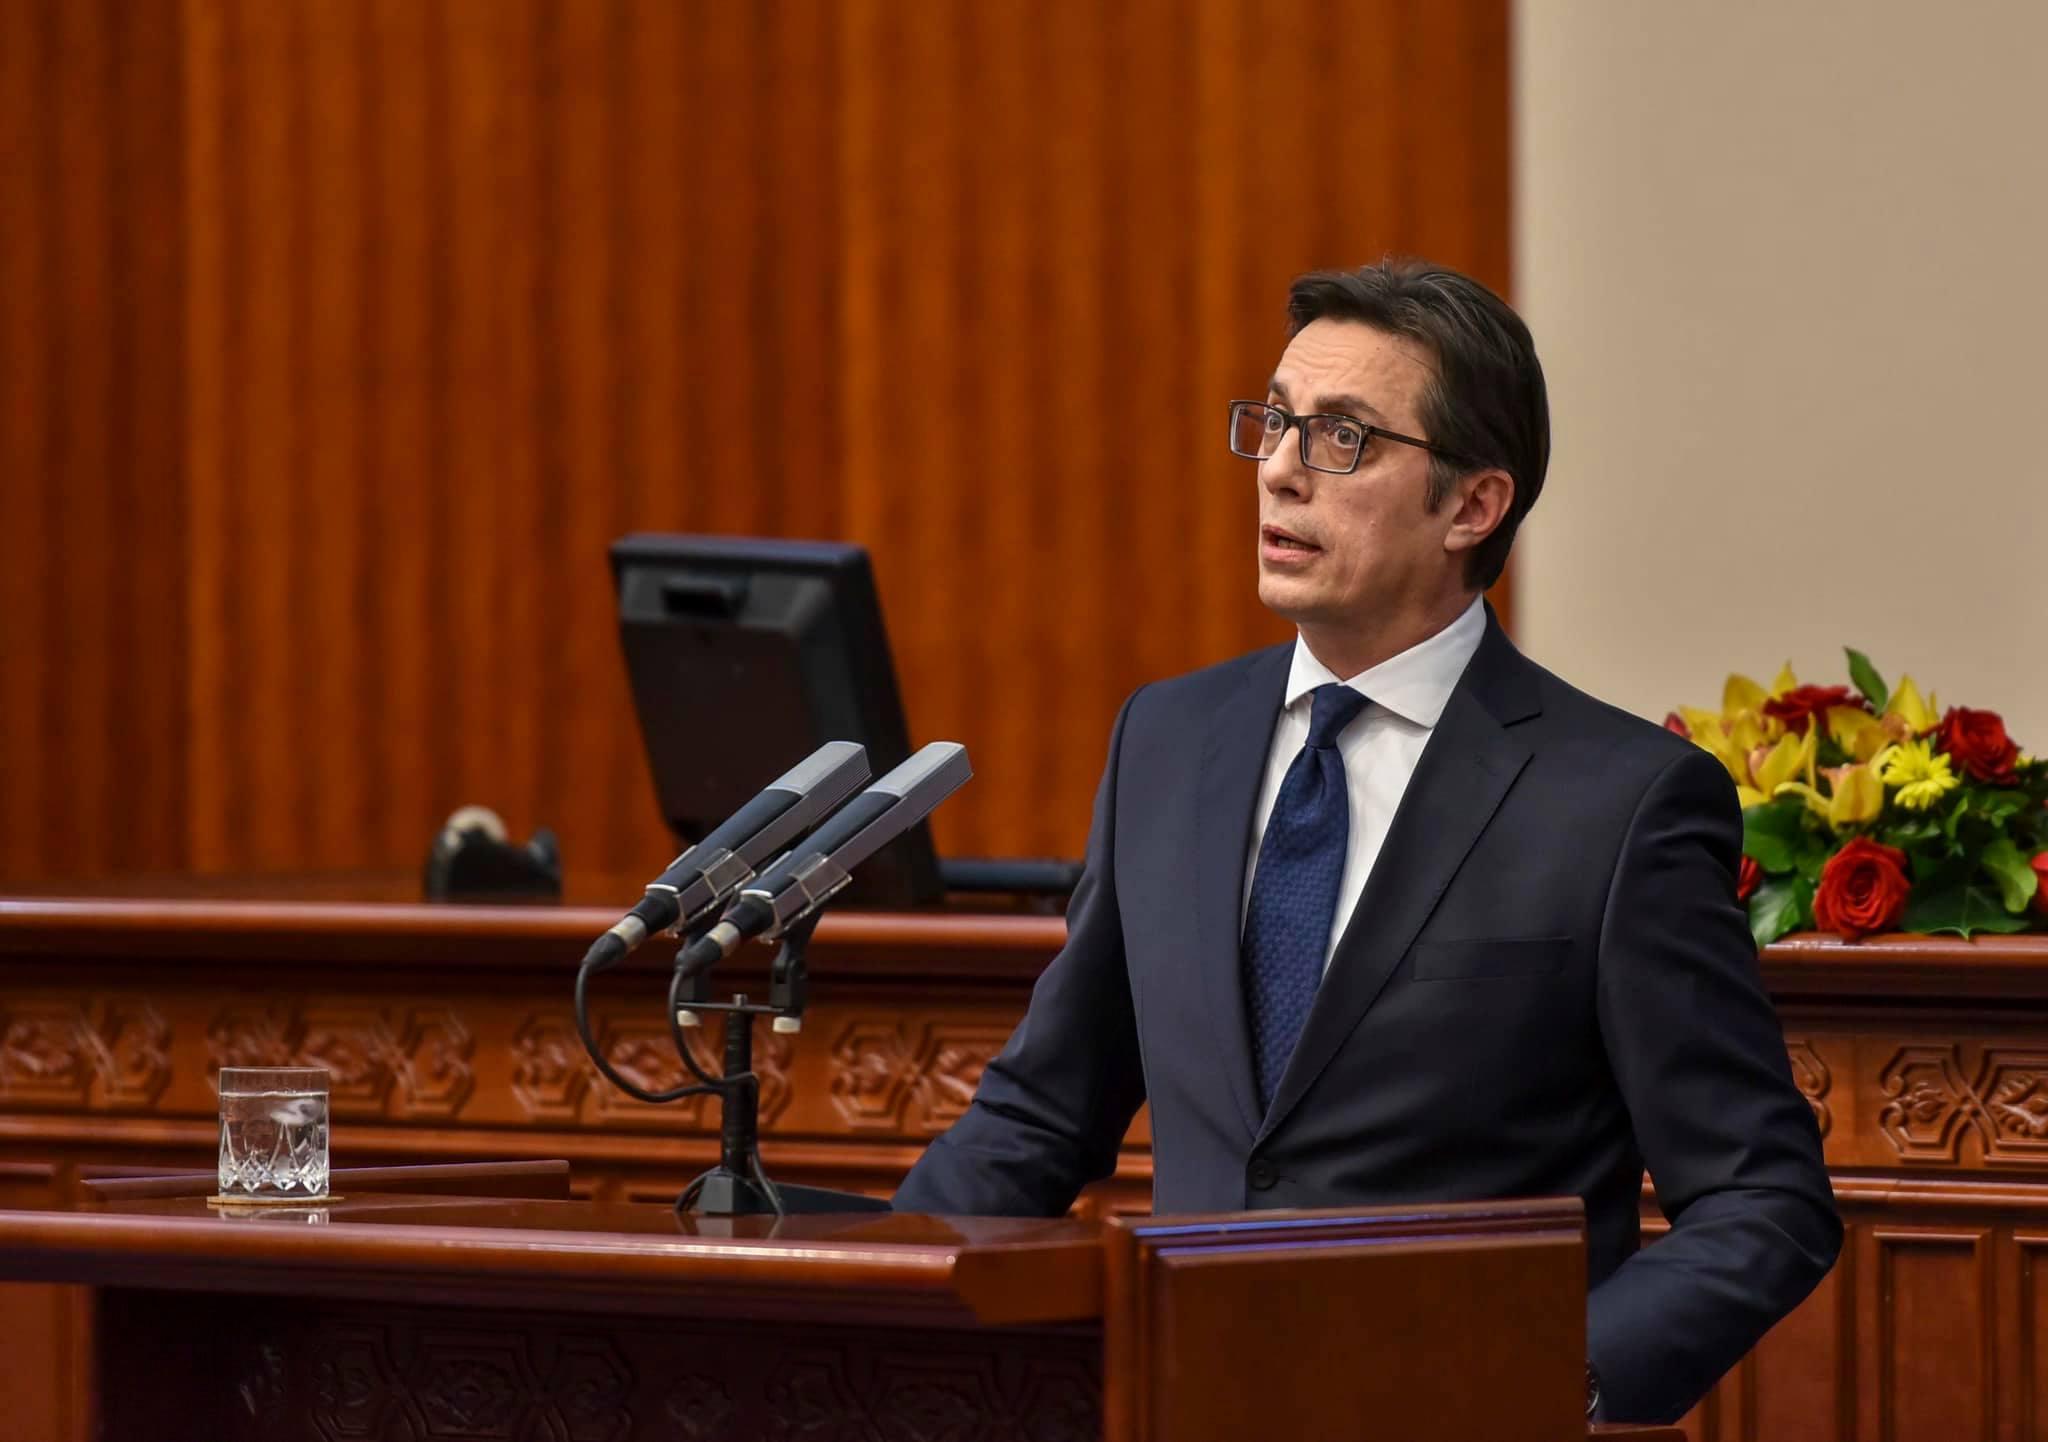 Ο Pendarovski επικρίνει την εγκληματικότητα και τη διαφθορά, ζητεί ενότητα για την ευρωπαϊκή ολοκλήρωση